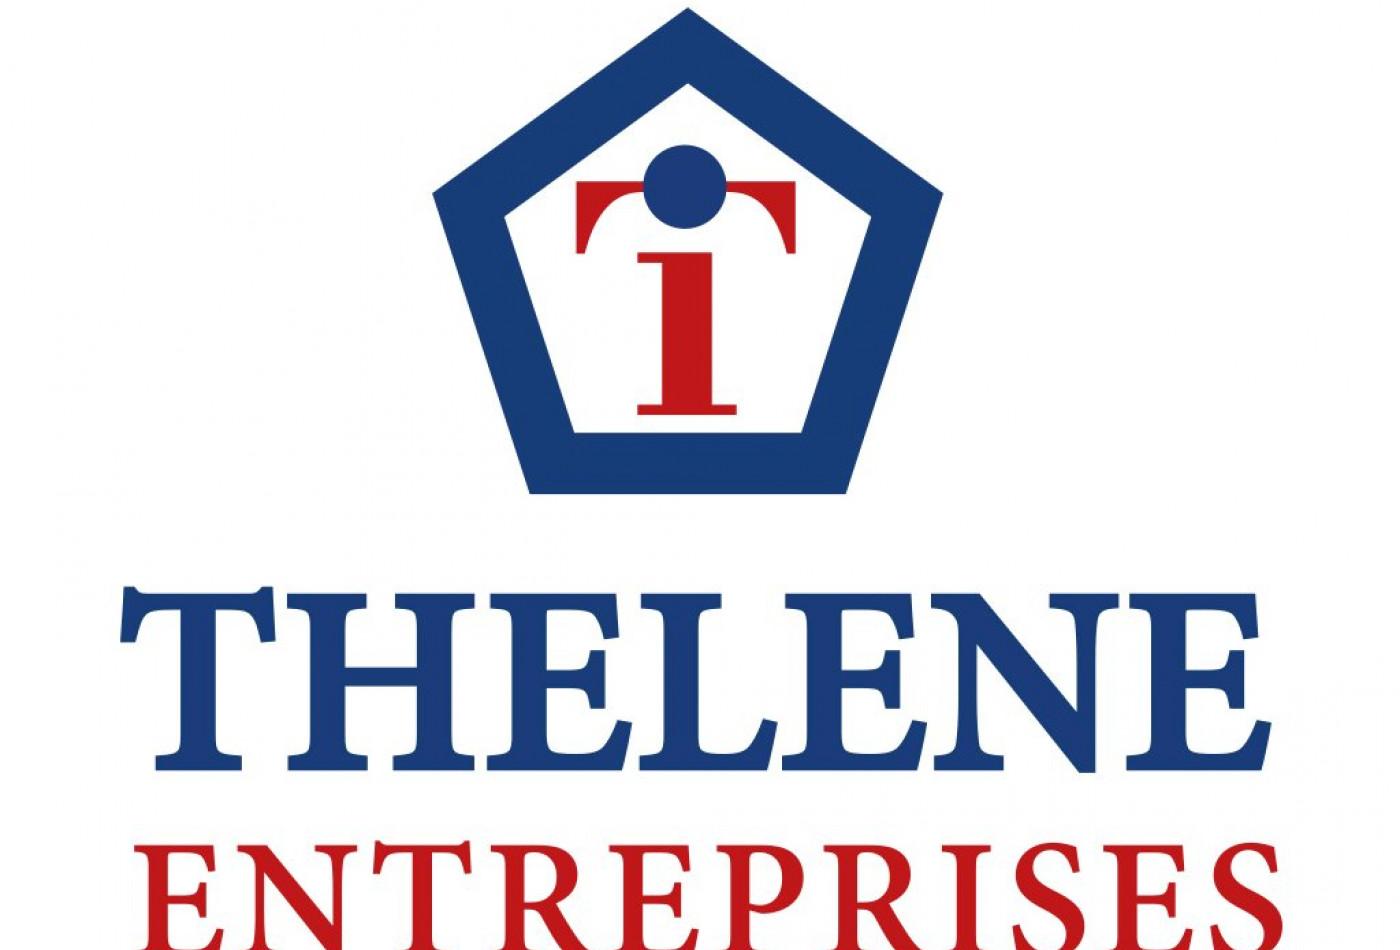 A vendre  Montpellier | Réf 3448216627 - Immobilier entreprises